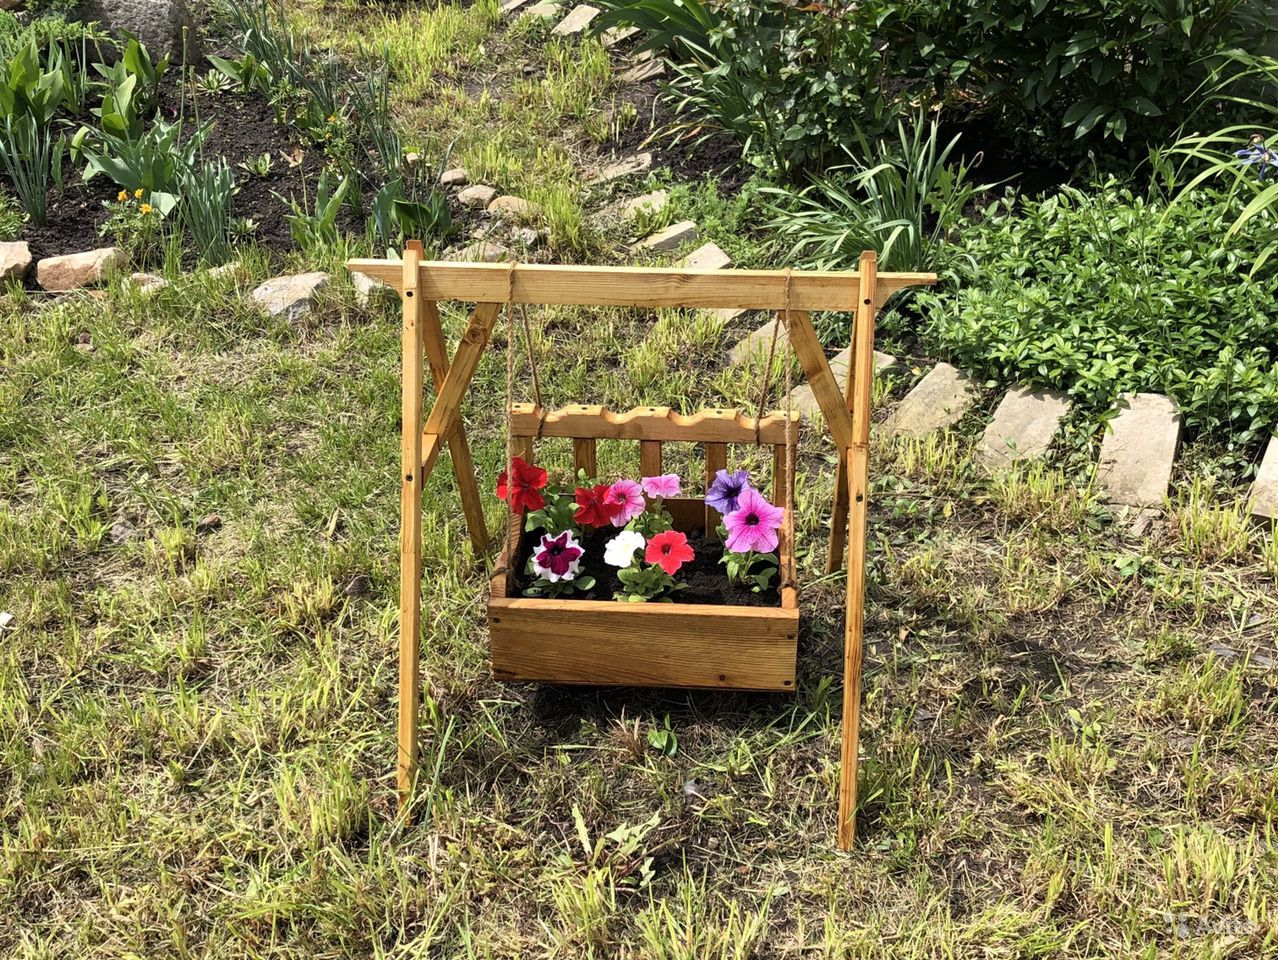 Горшок (кашпо) для цветов купить на Зозу.ру - фотография № 1